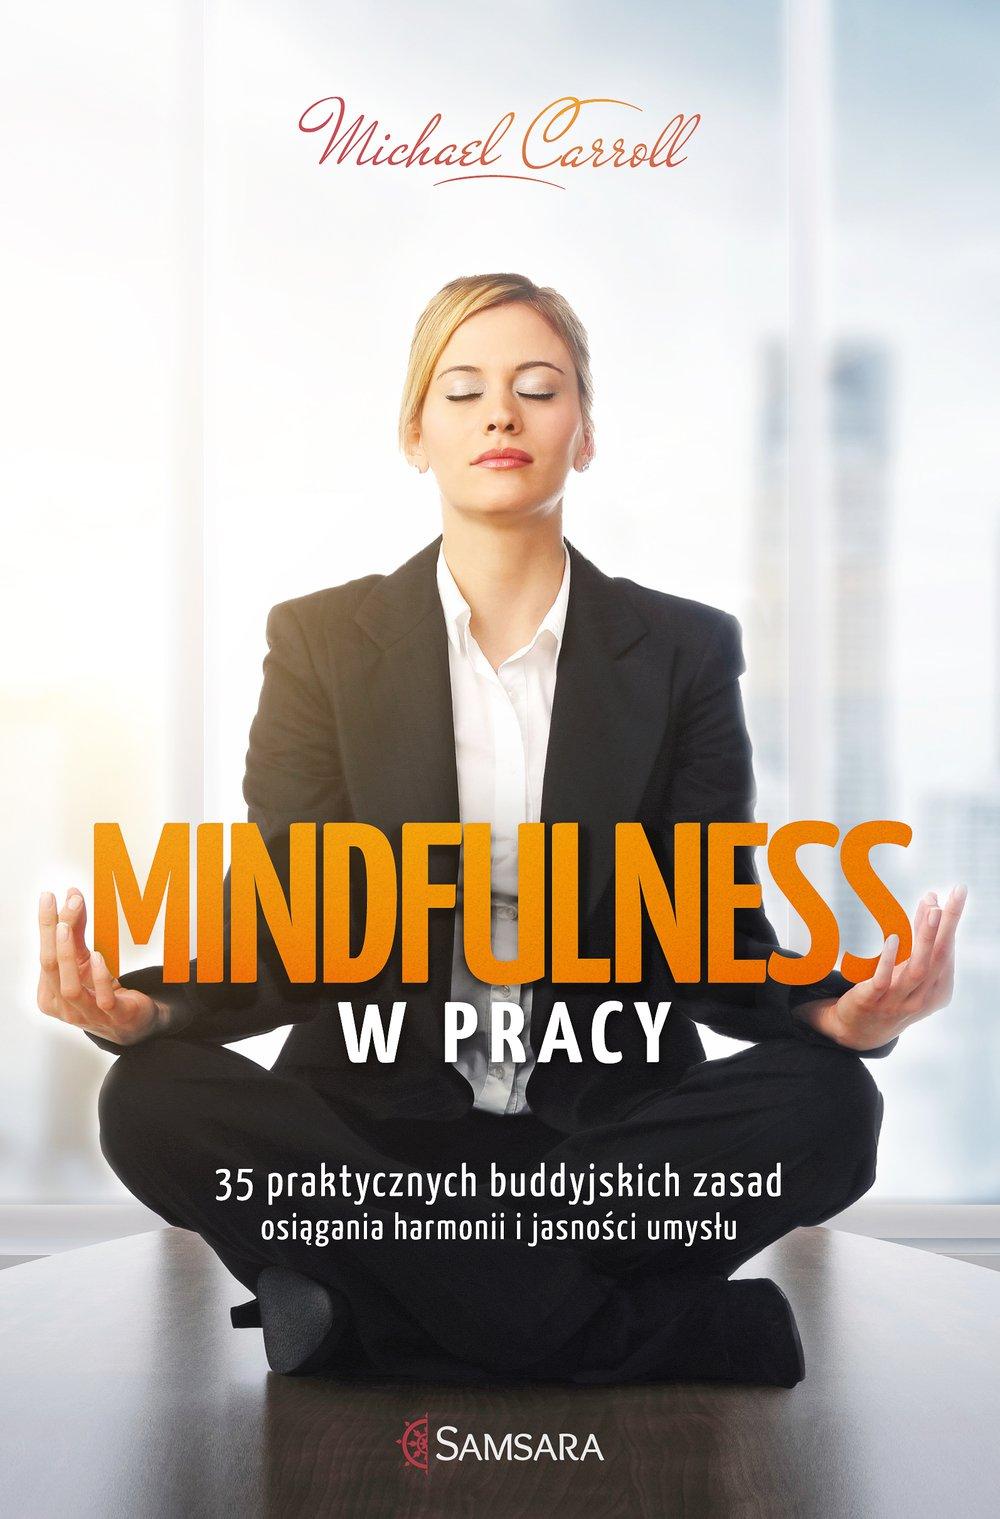 Mindfulness w pracy. 35 praktycznych buddyjskich zasad osiągania harmonii i jasności umysłu - Ebook (Książka EPUB) do pobrania w formacie EPUB